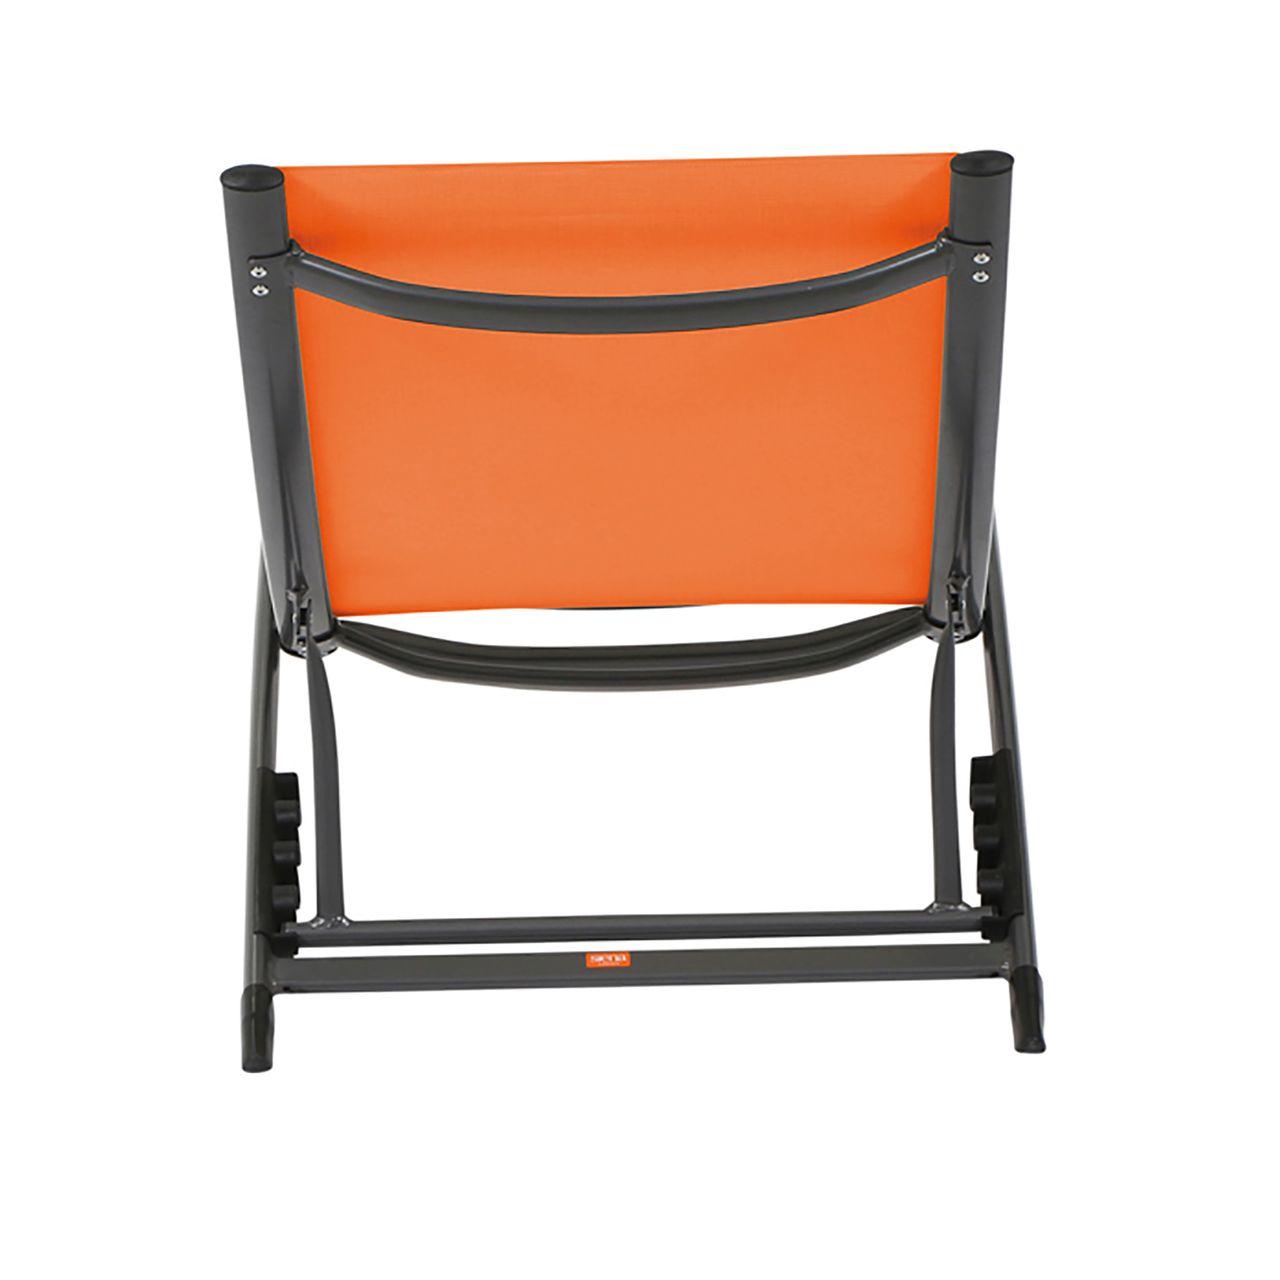 siena garden 282131 tarifa liege anthrazit orange ebay. Black Bedroom Furniture Sets. Home Design Ideas